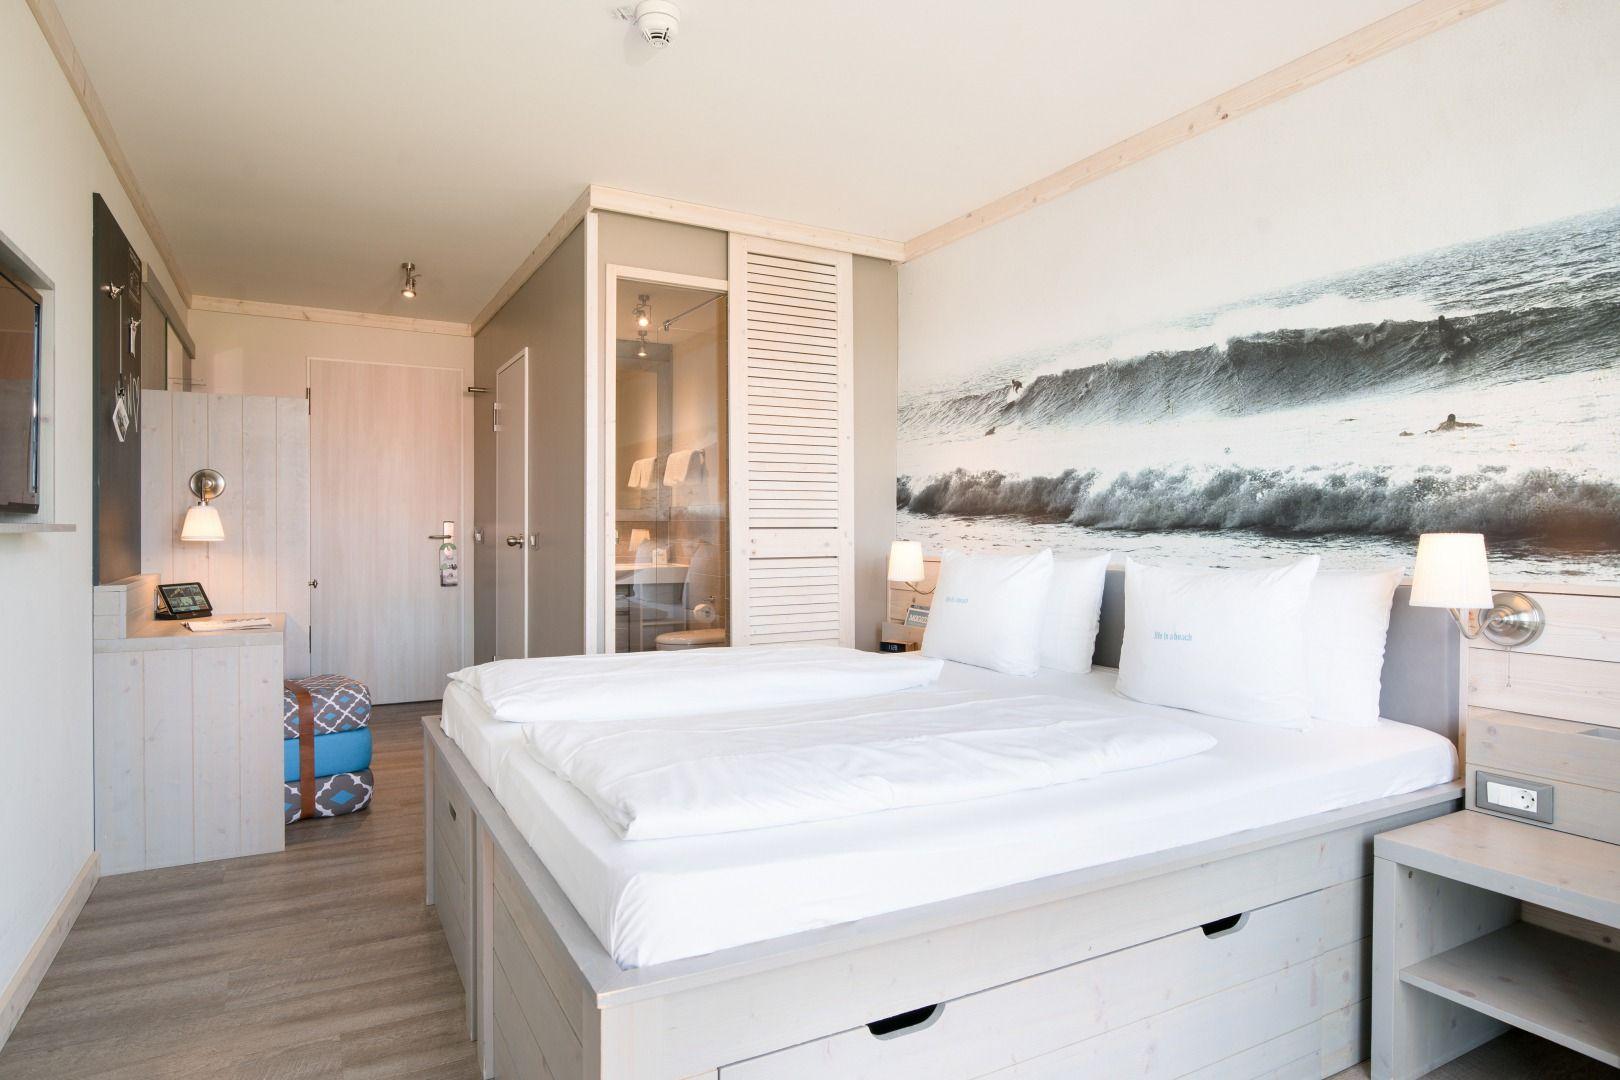 zimmer beach motel st peter ording reisen motel beach und ocean beach. Black Bedroom Furniture Sets. Home Design Ideas